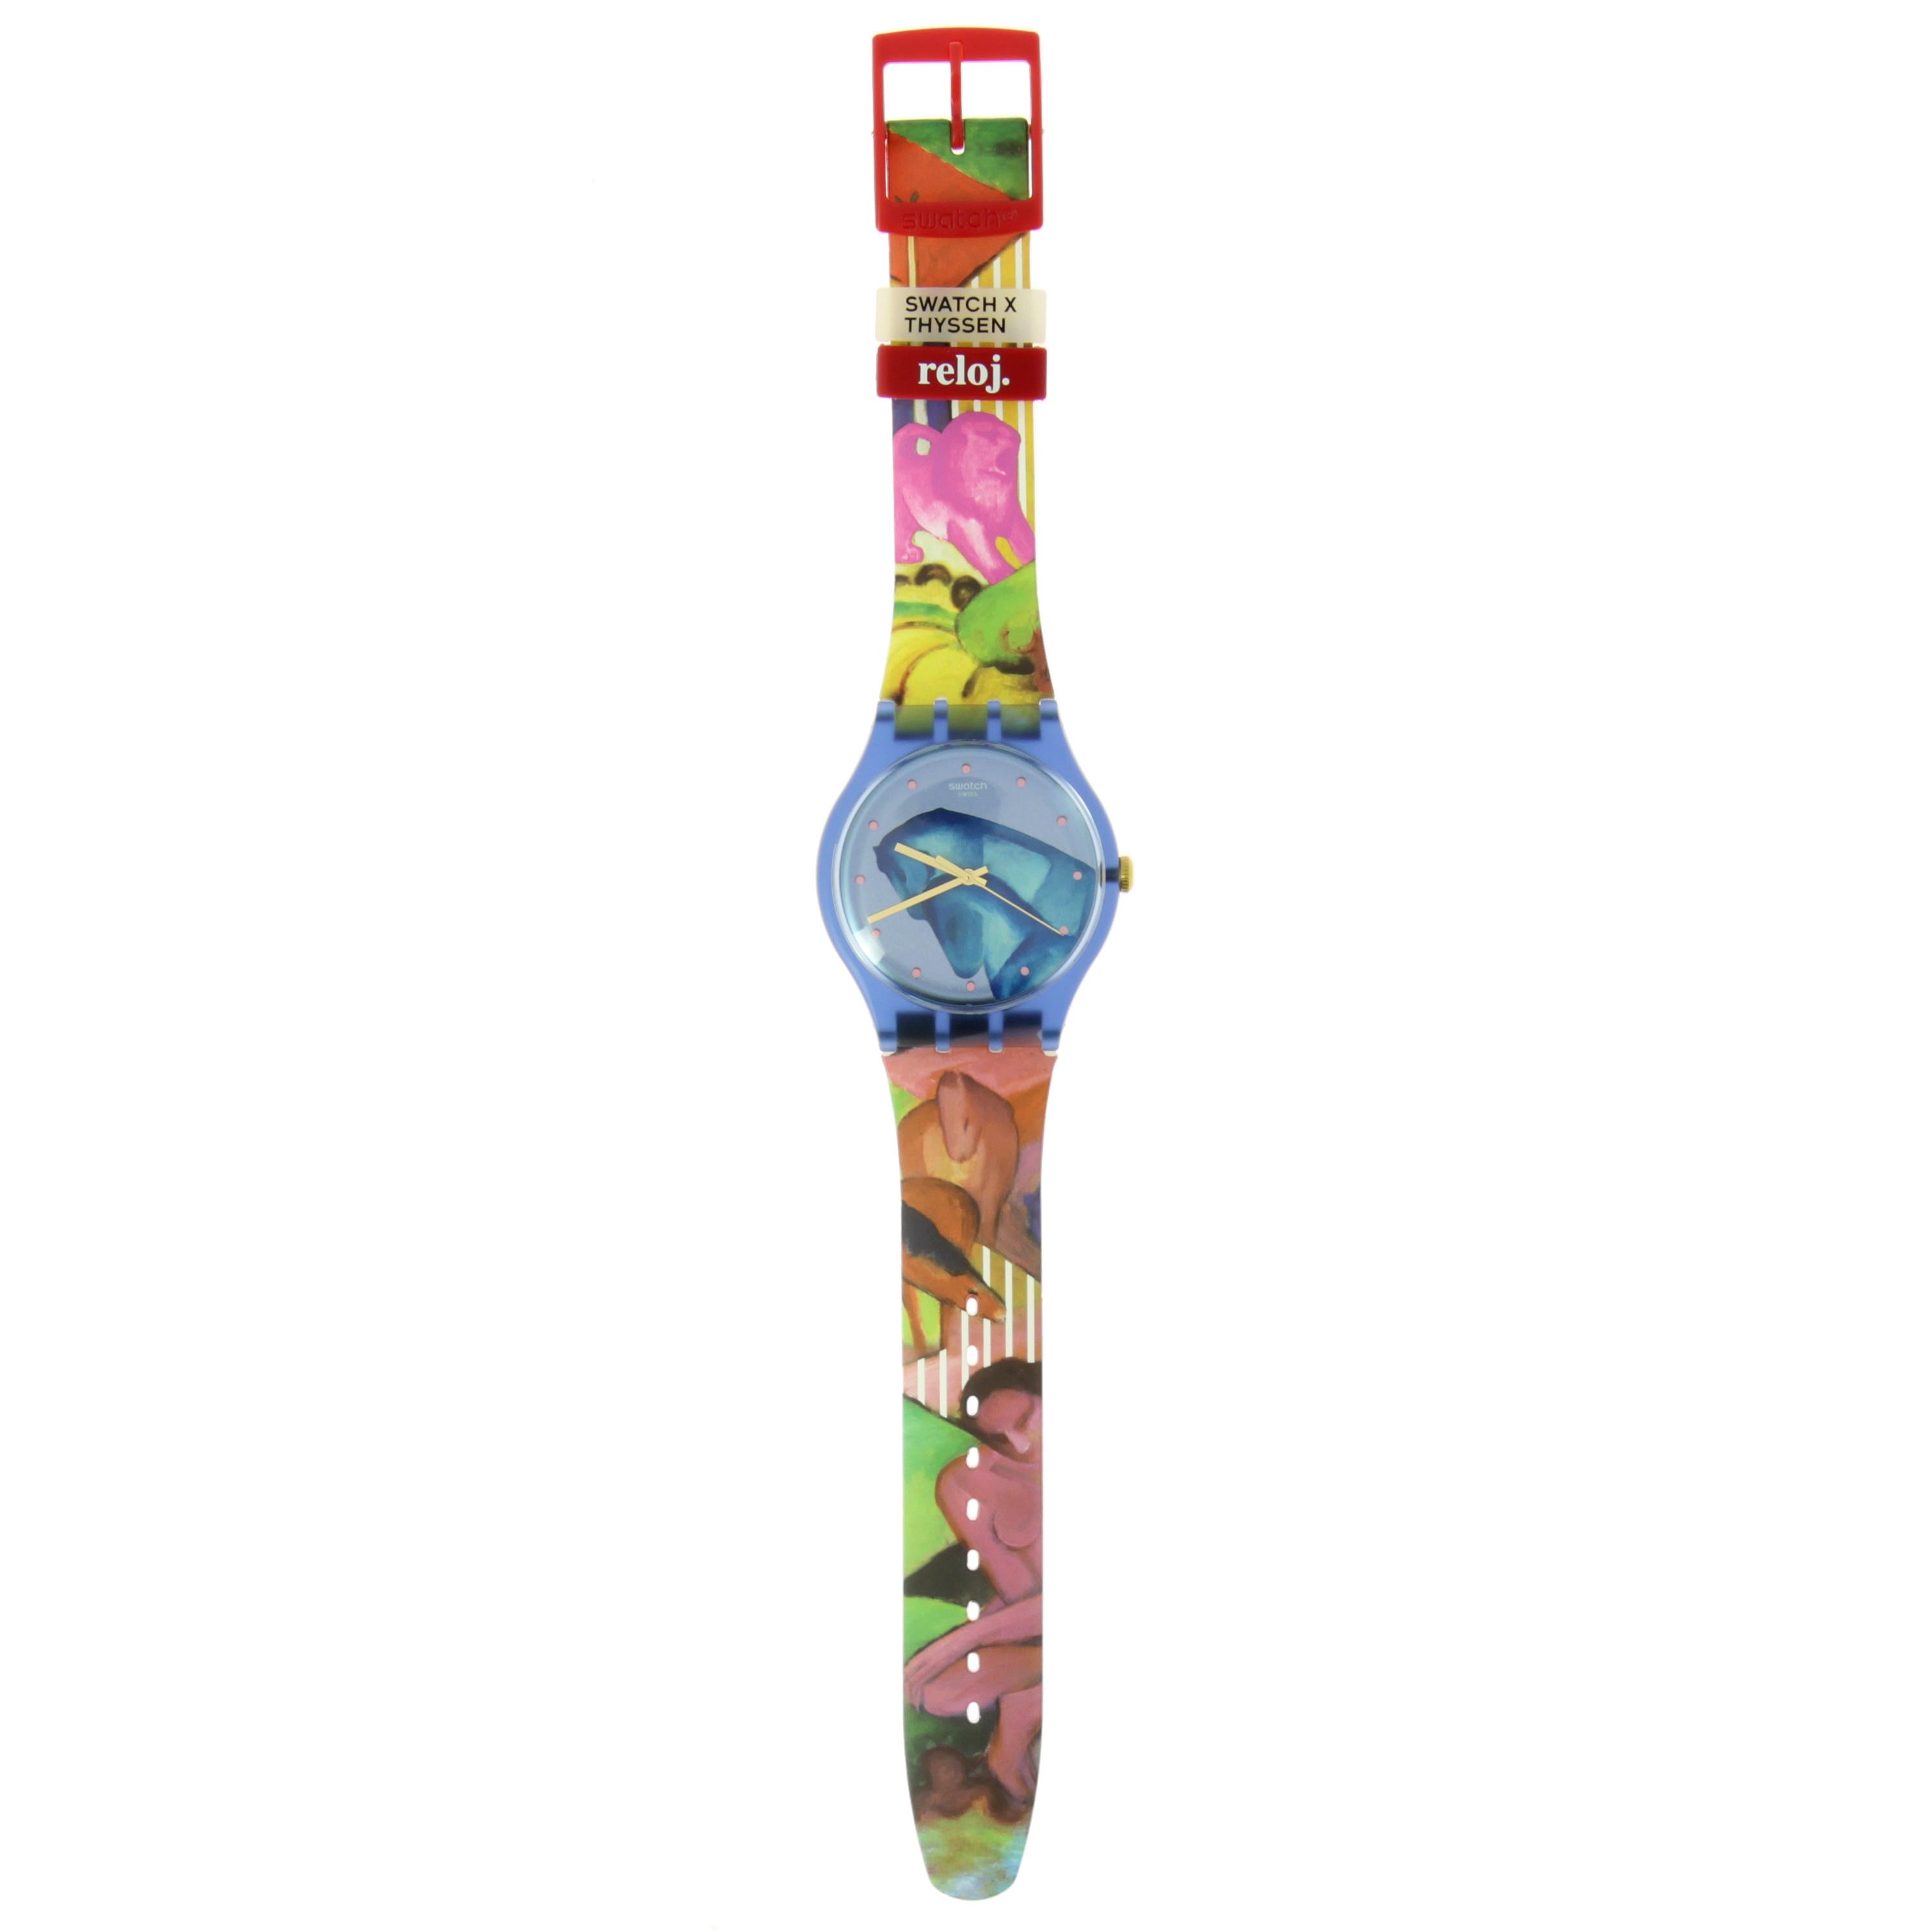 Reloj Swatch+Thyssen Franz Marc Sleepy Garden